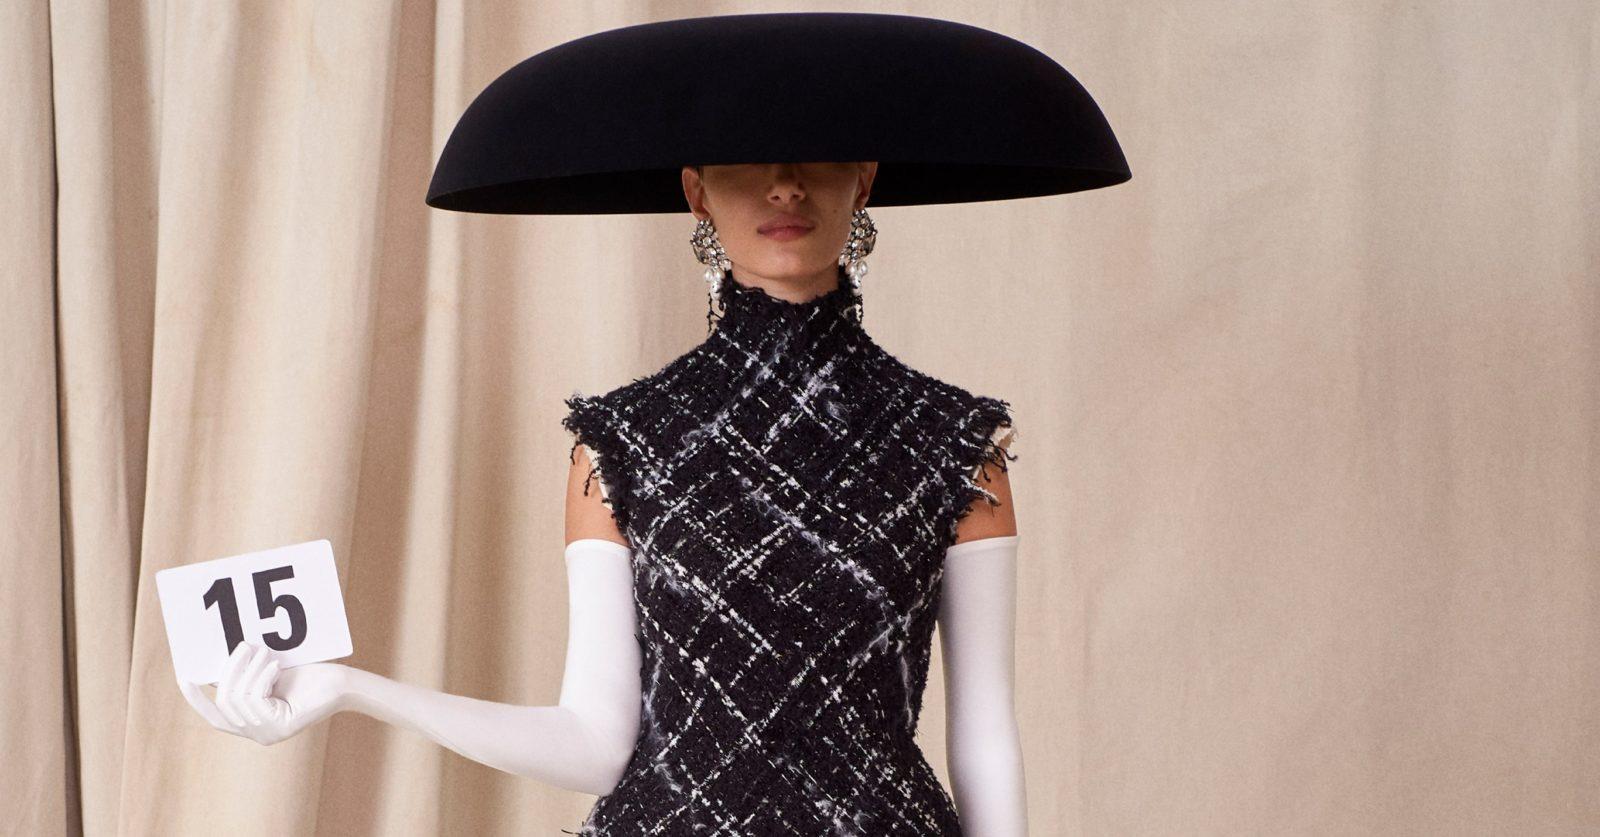 Balenciaga makes striking comeback in haute couture show